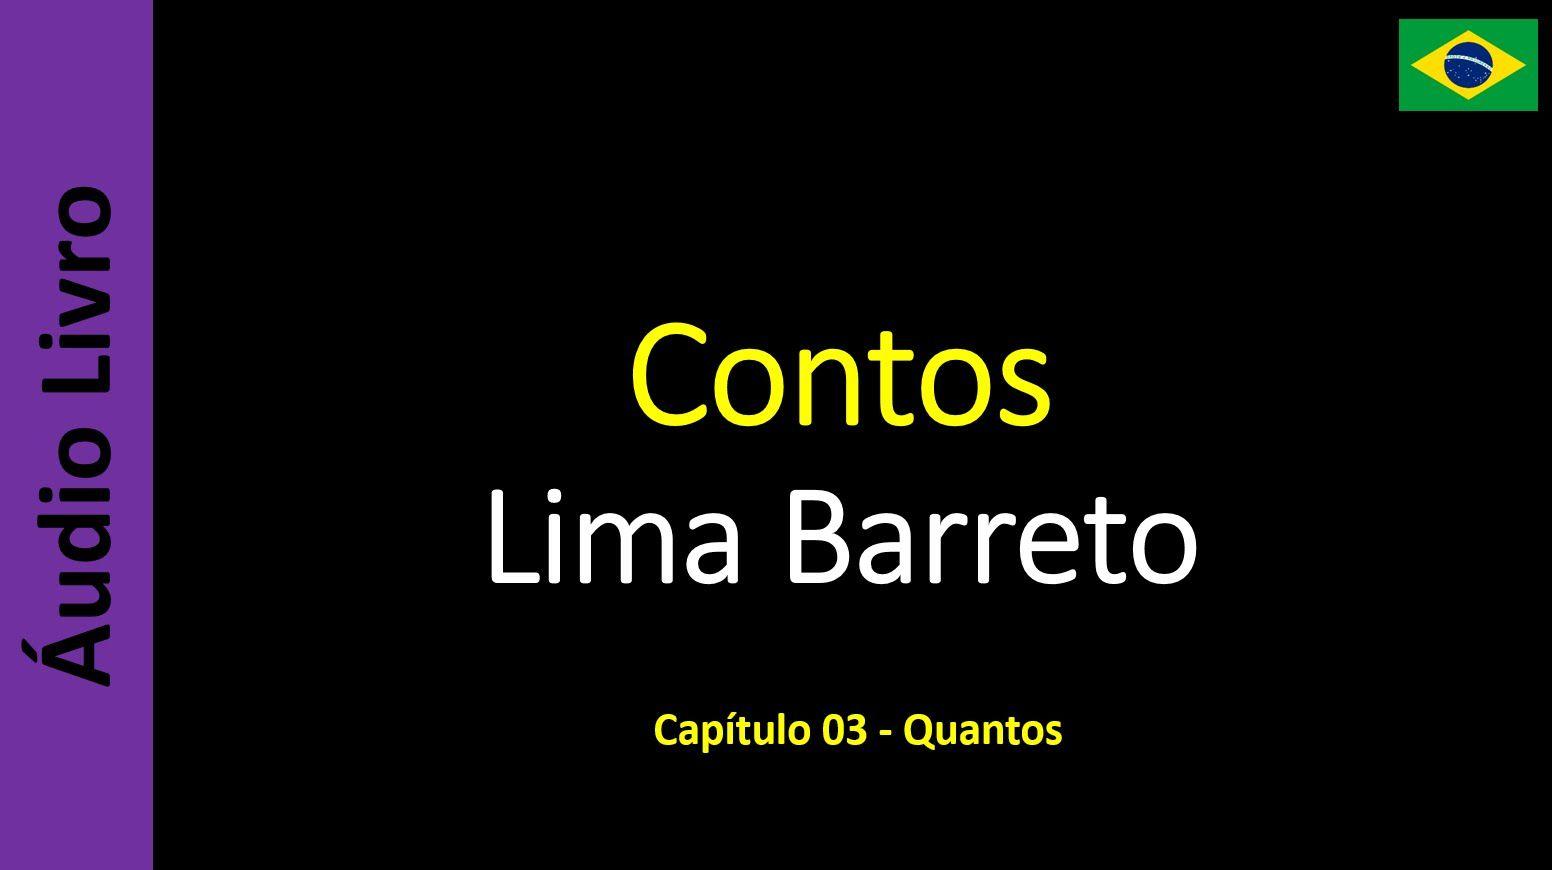 Lima Barreto - Contos - 03 / 20